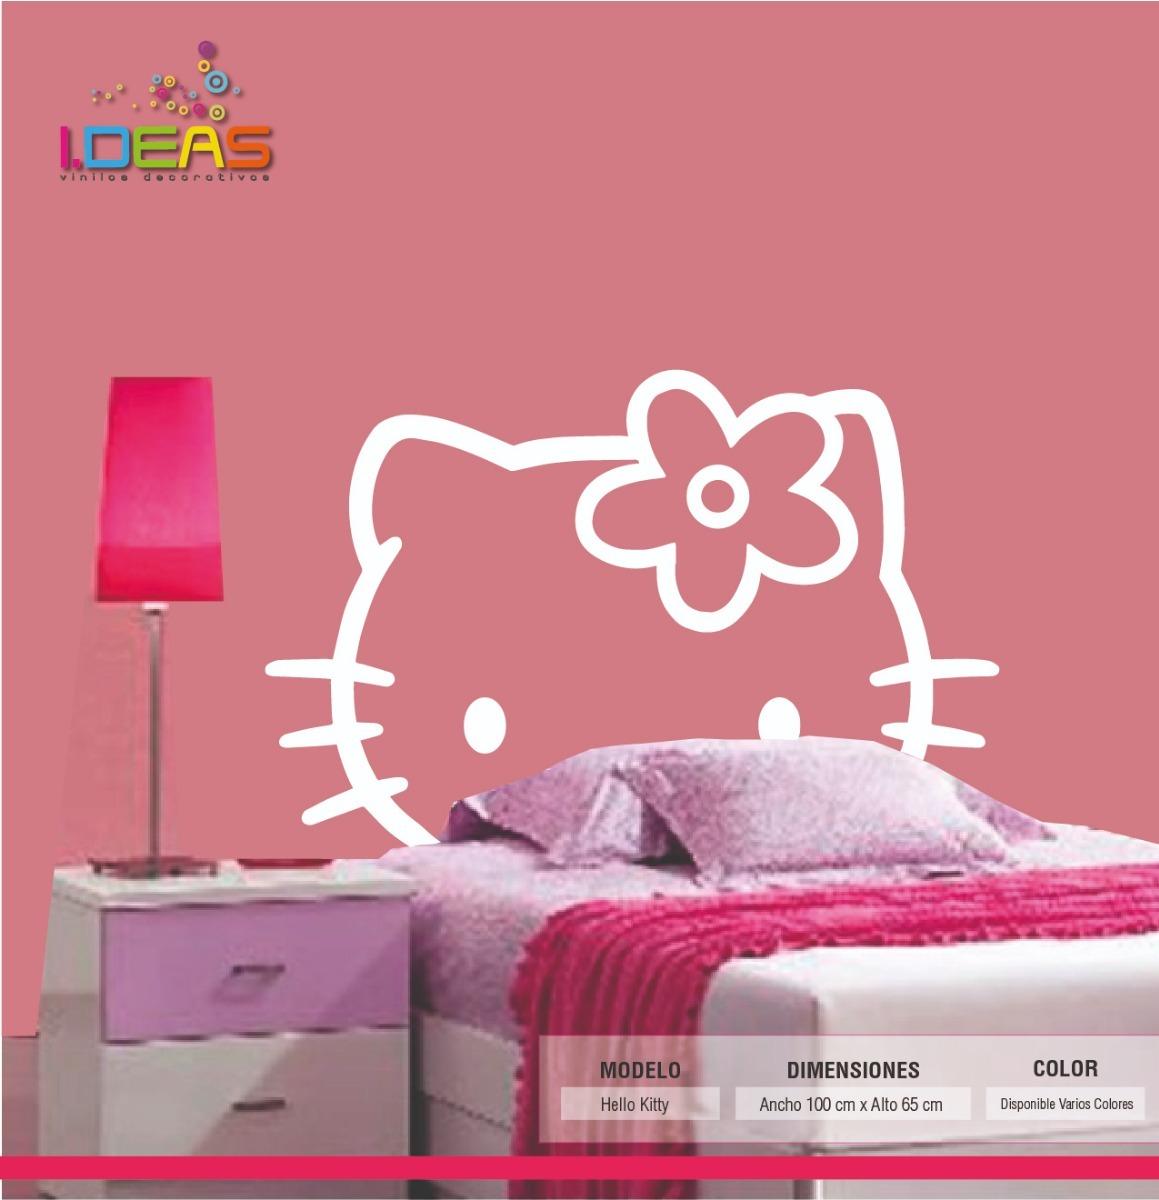 Vinilos Hello Kitty Pared.Vinilo Decorativo Infantil Hello Kitty Sticker De Pared Calcomania 100x65cm